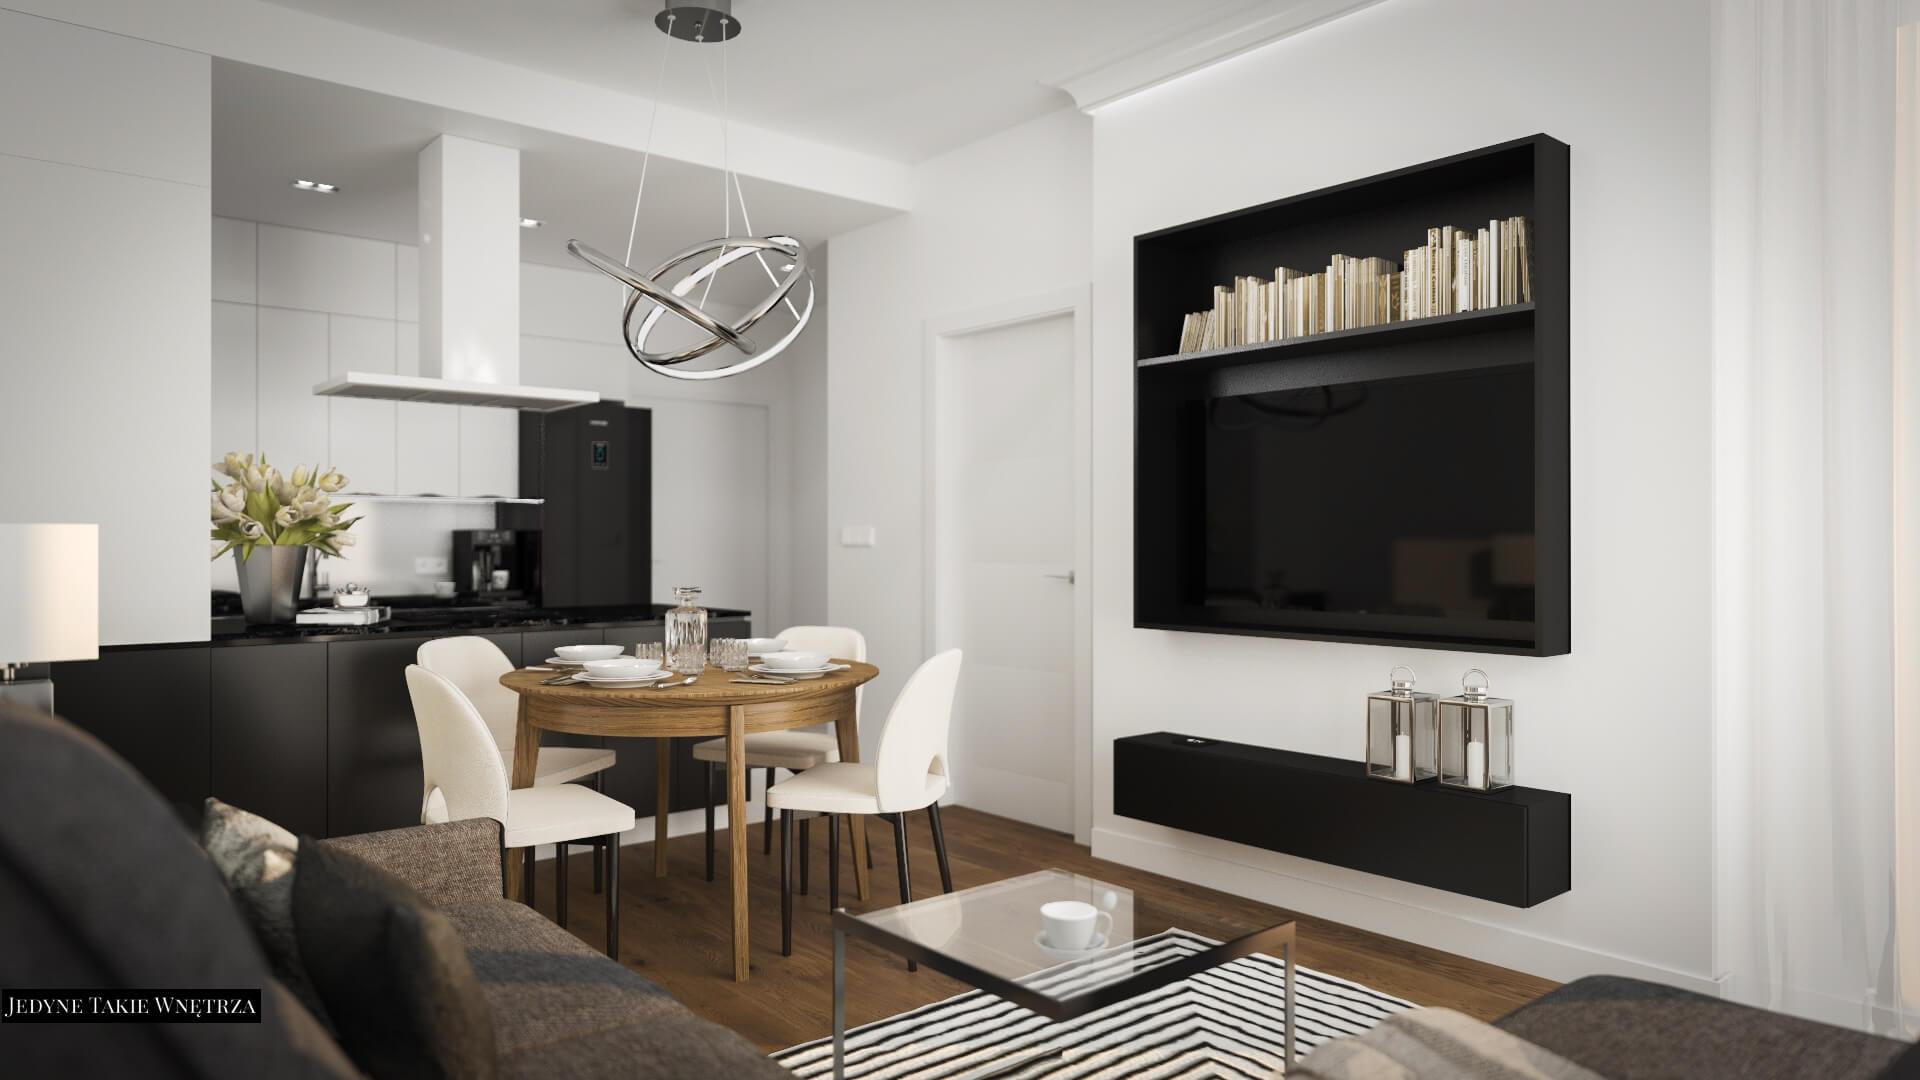 Nowoczesny salon, elegancka czarno-biała kuchnia, obok której znajduje się drewniany stolik z czterema białymi krzesłami.